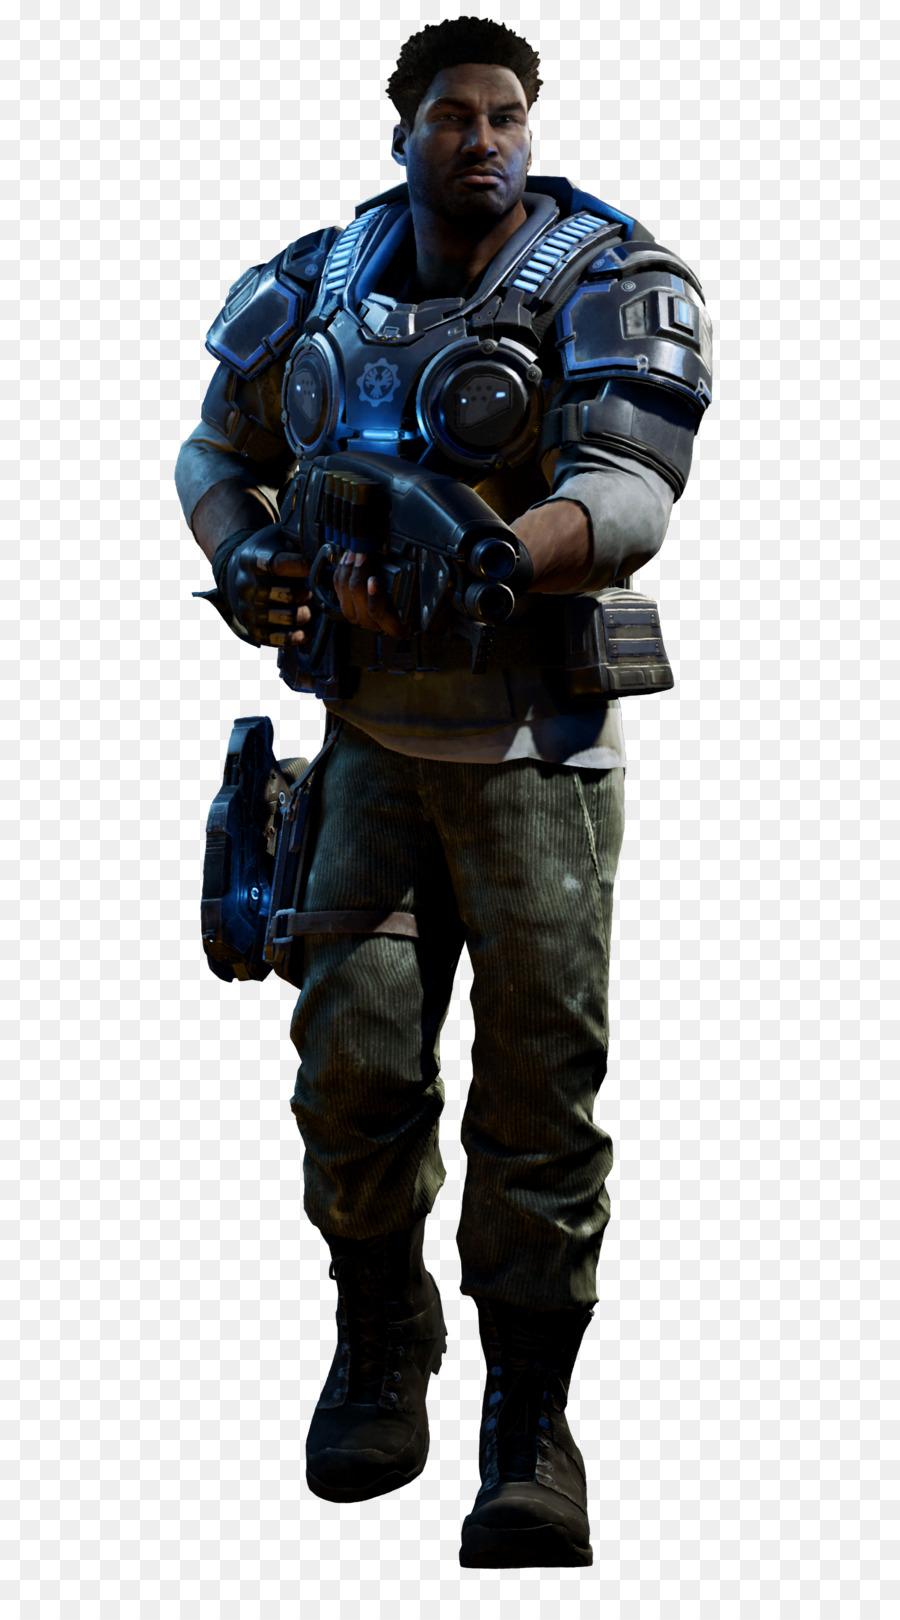 Descarga gratuita de Gears Of War 4, Gears Of War, Gears Of War 3 imágenes PNG